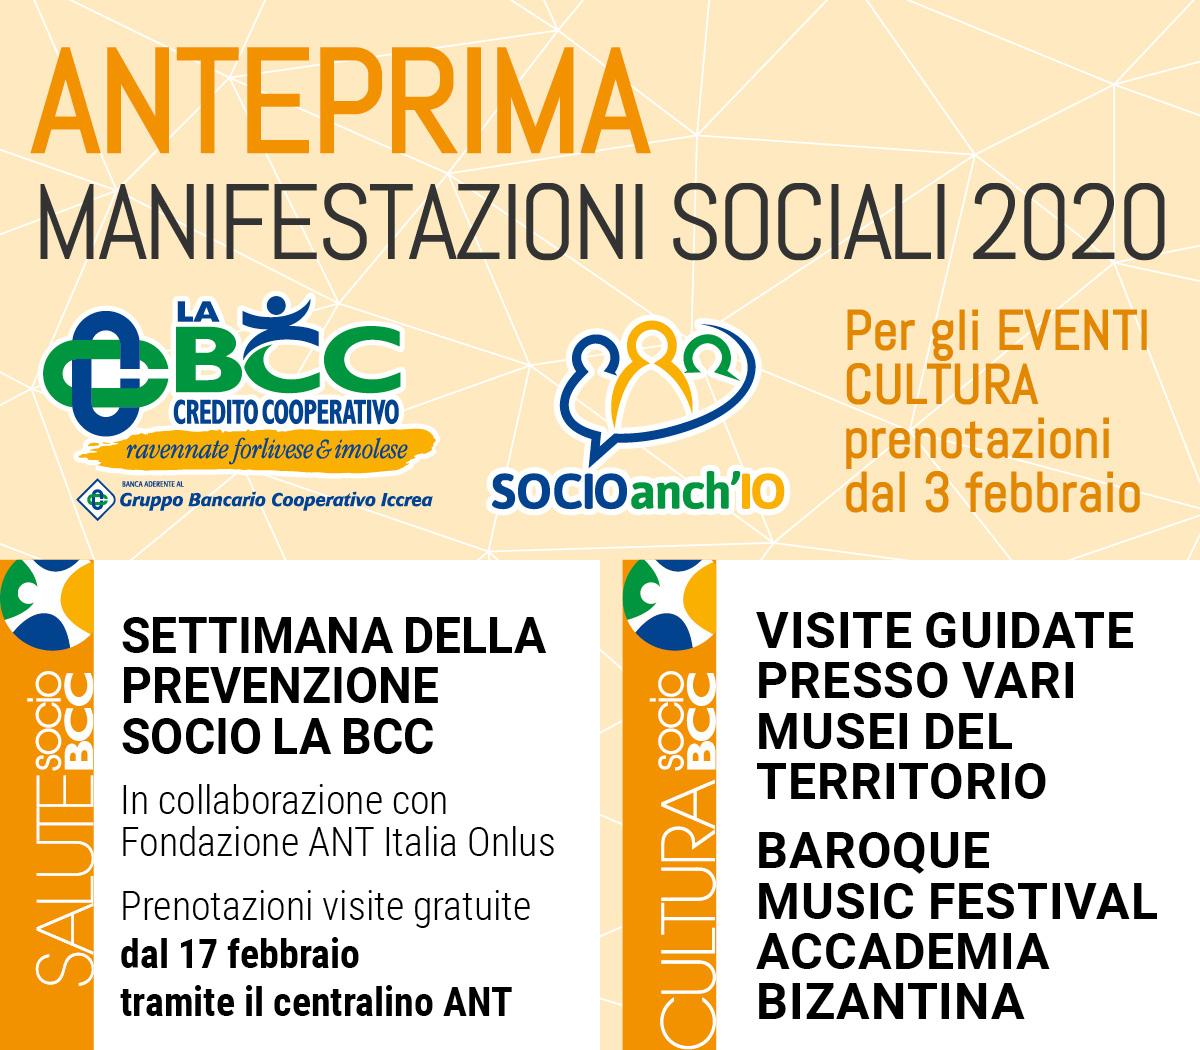 Per i Soci de LA BCC, Anteprima Manifestazioni Sociali 2020